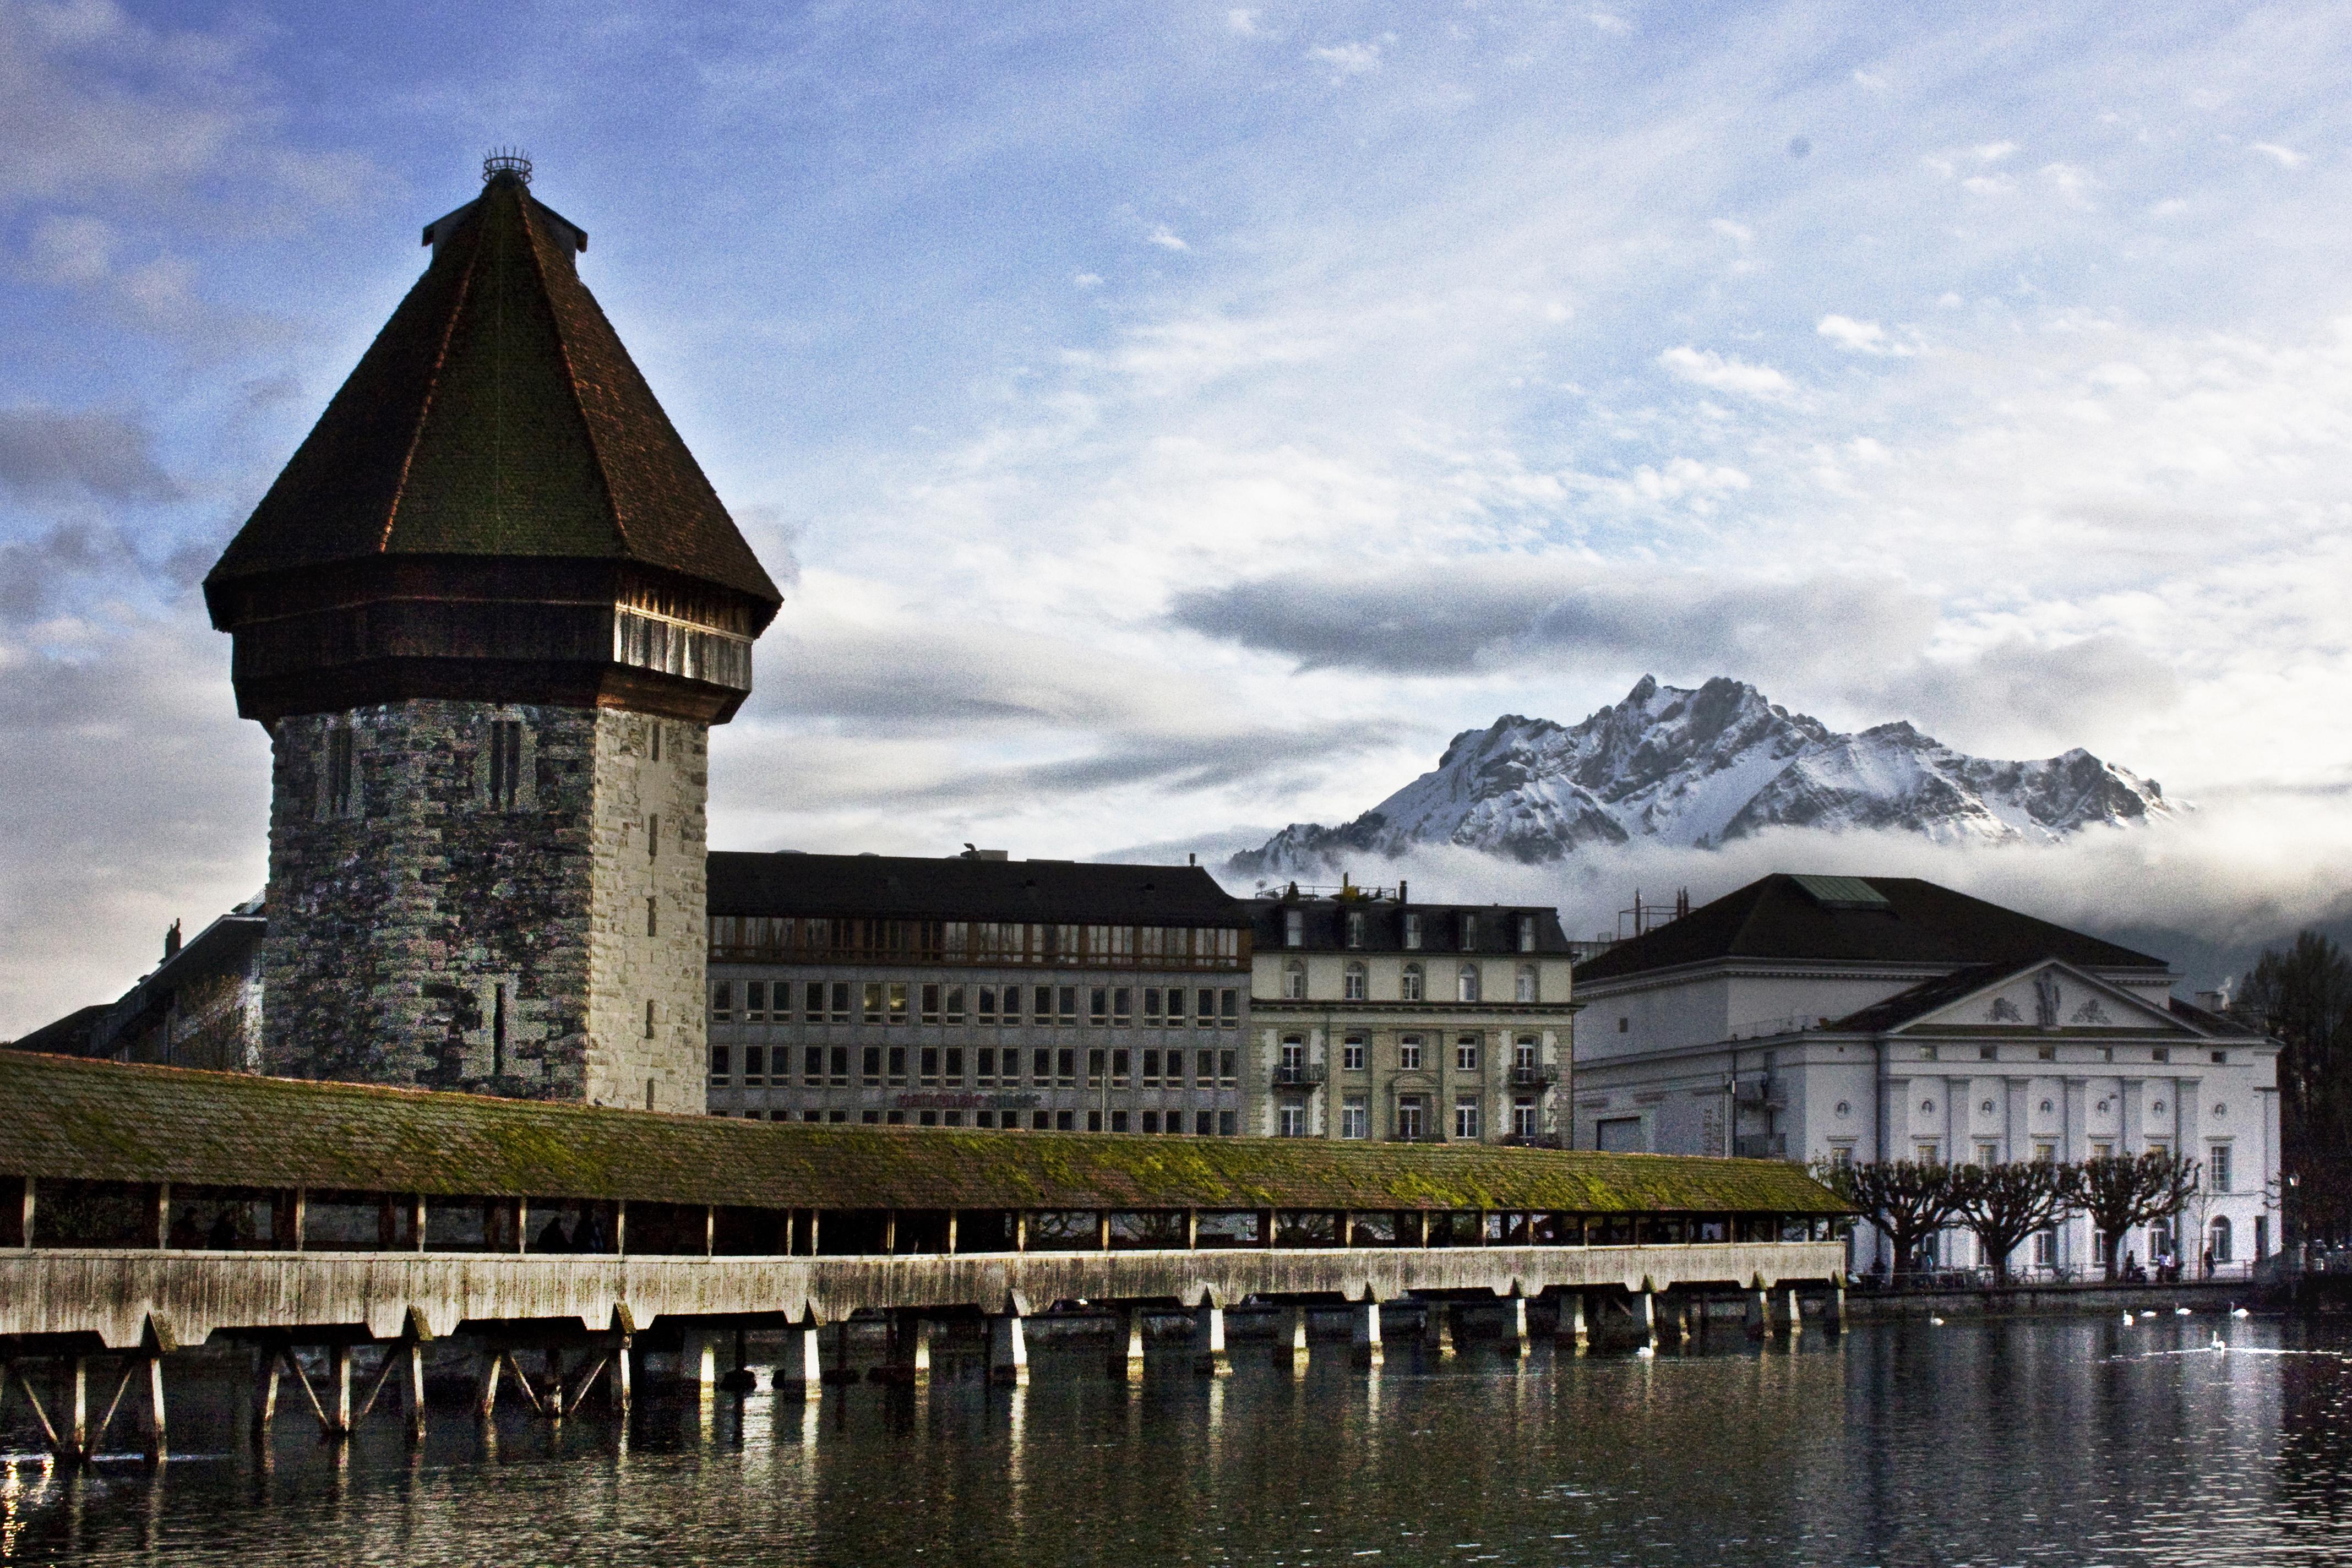 Luzern Hotel Am See